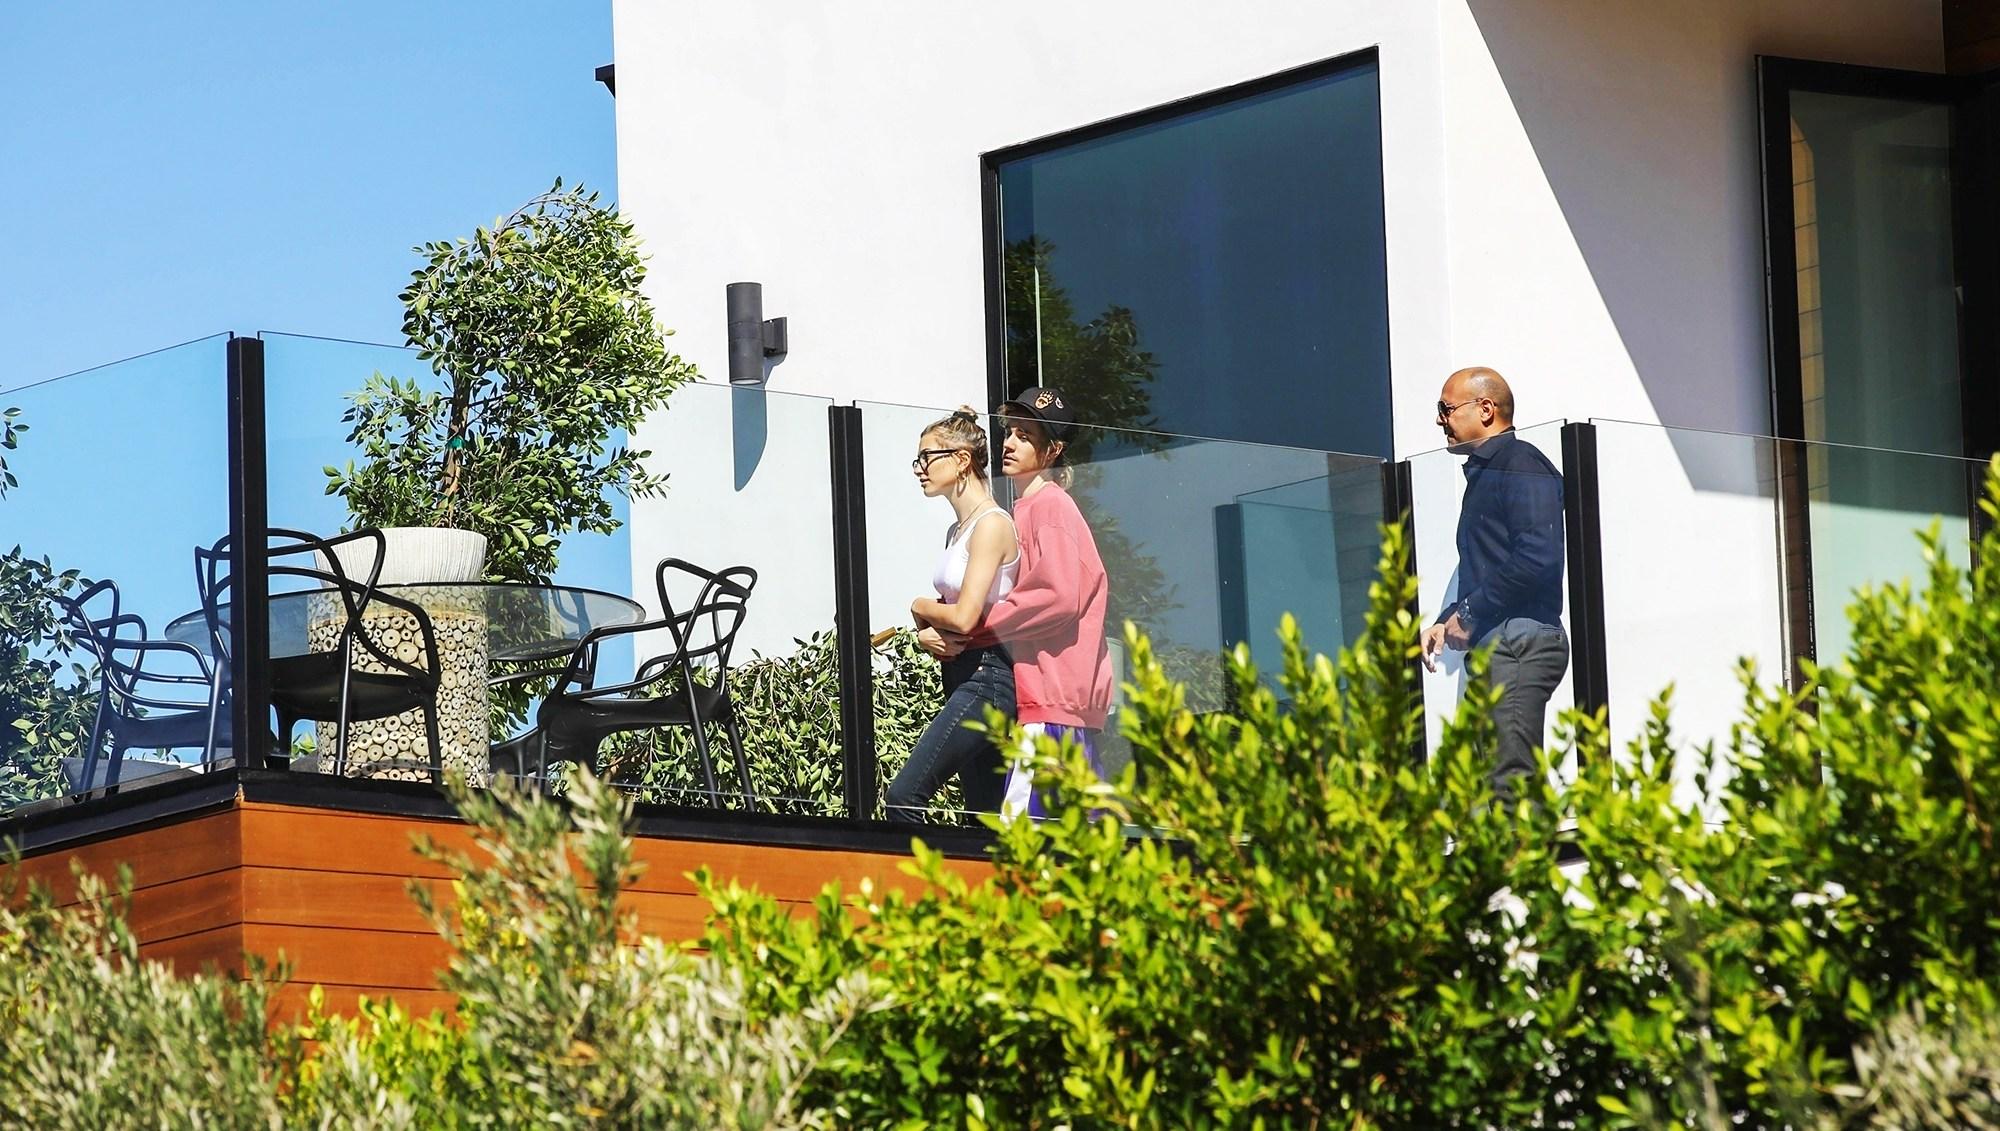 Justin Bieber Hailey Baldwin Demi Lovato House